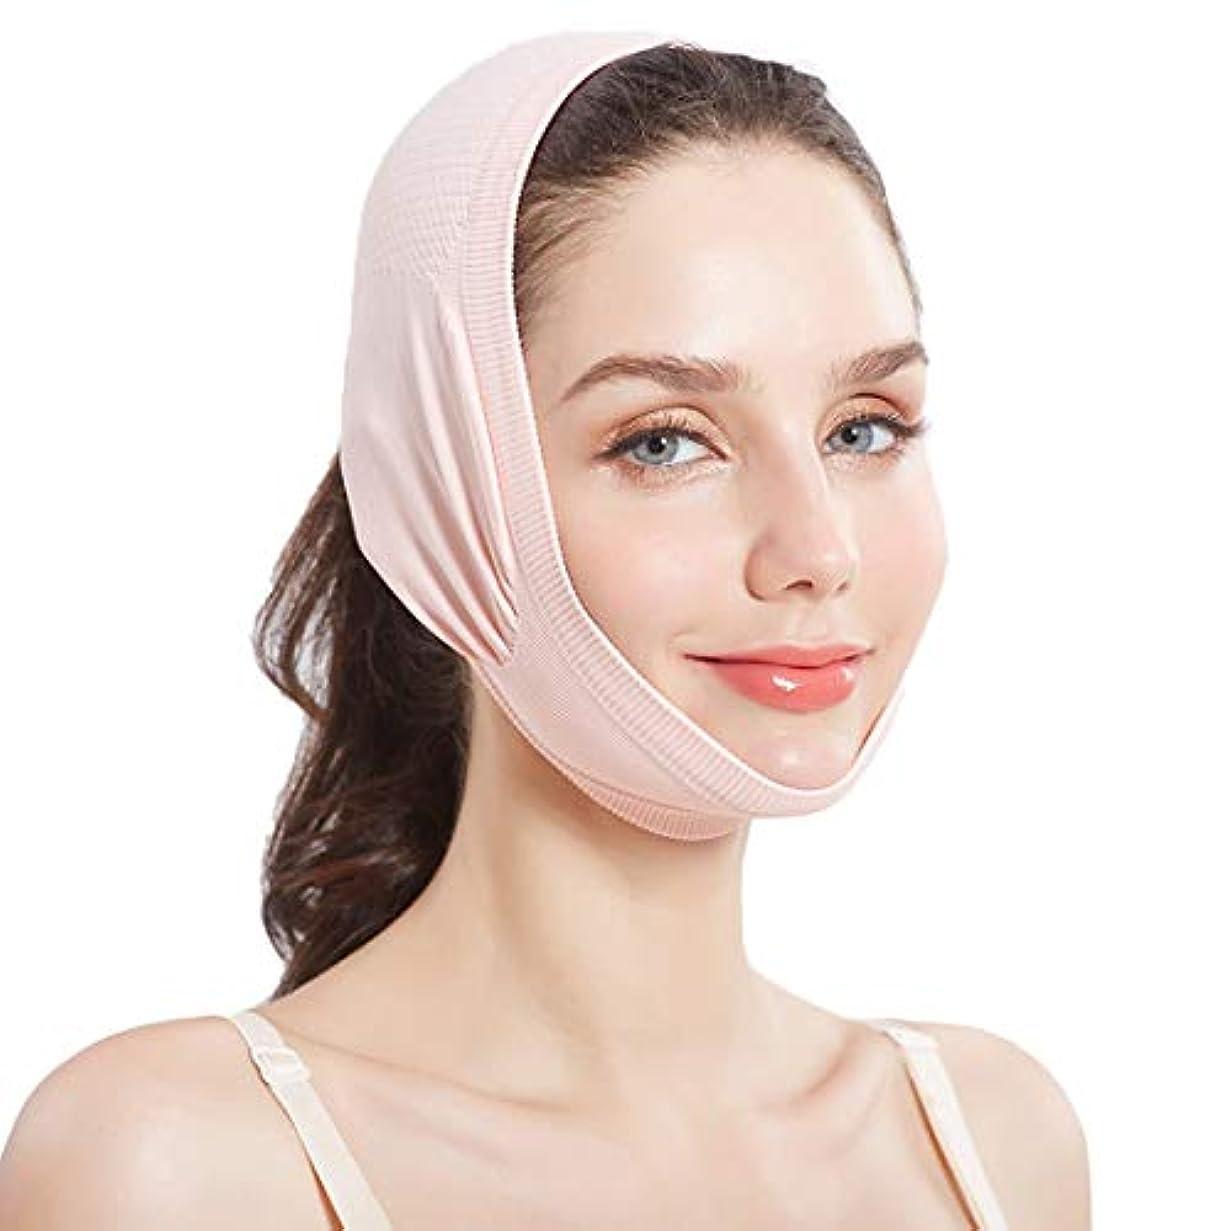 ブラインドうるさい見つけたZWBD フェイスマスク, フェイスリフティング包帯マスクあごV整形マスク美容包帯マスクリフティング引き締めピンクベージュ (Color : Pink)